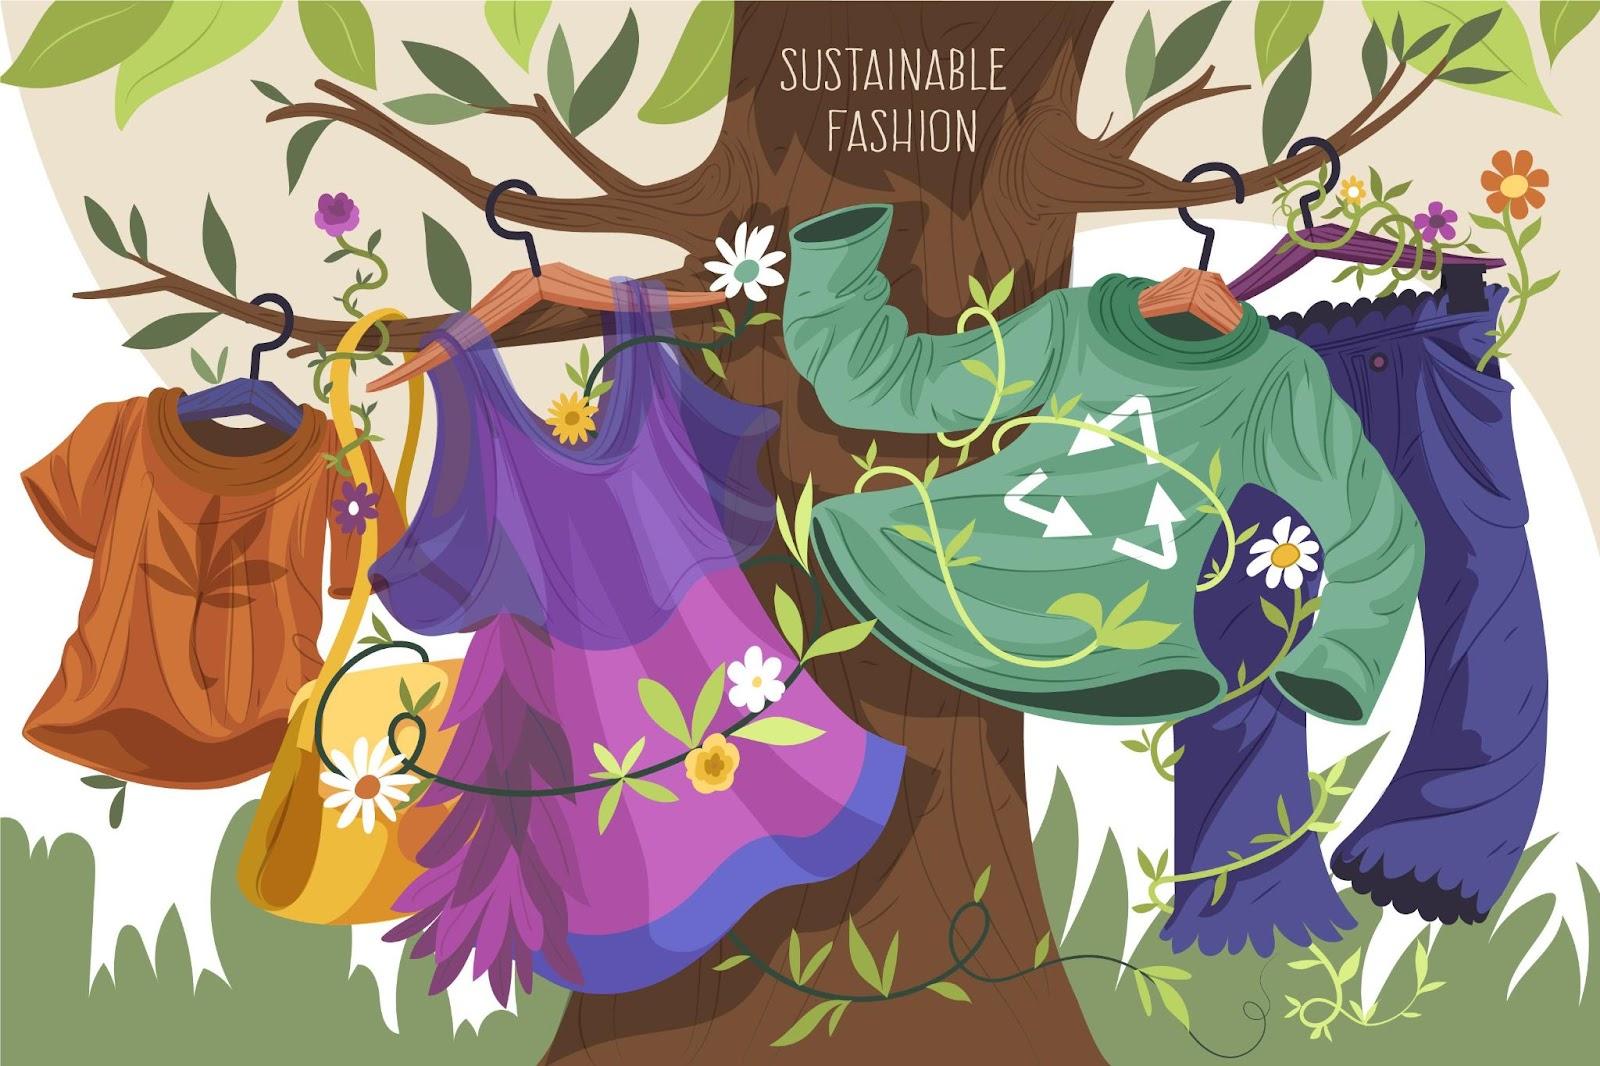 Moda sostenibile e mercato second-hand